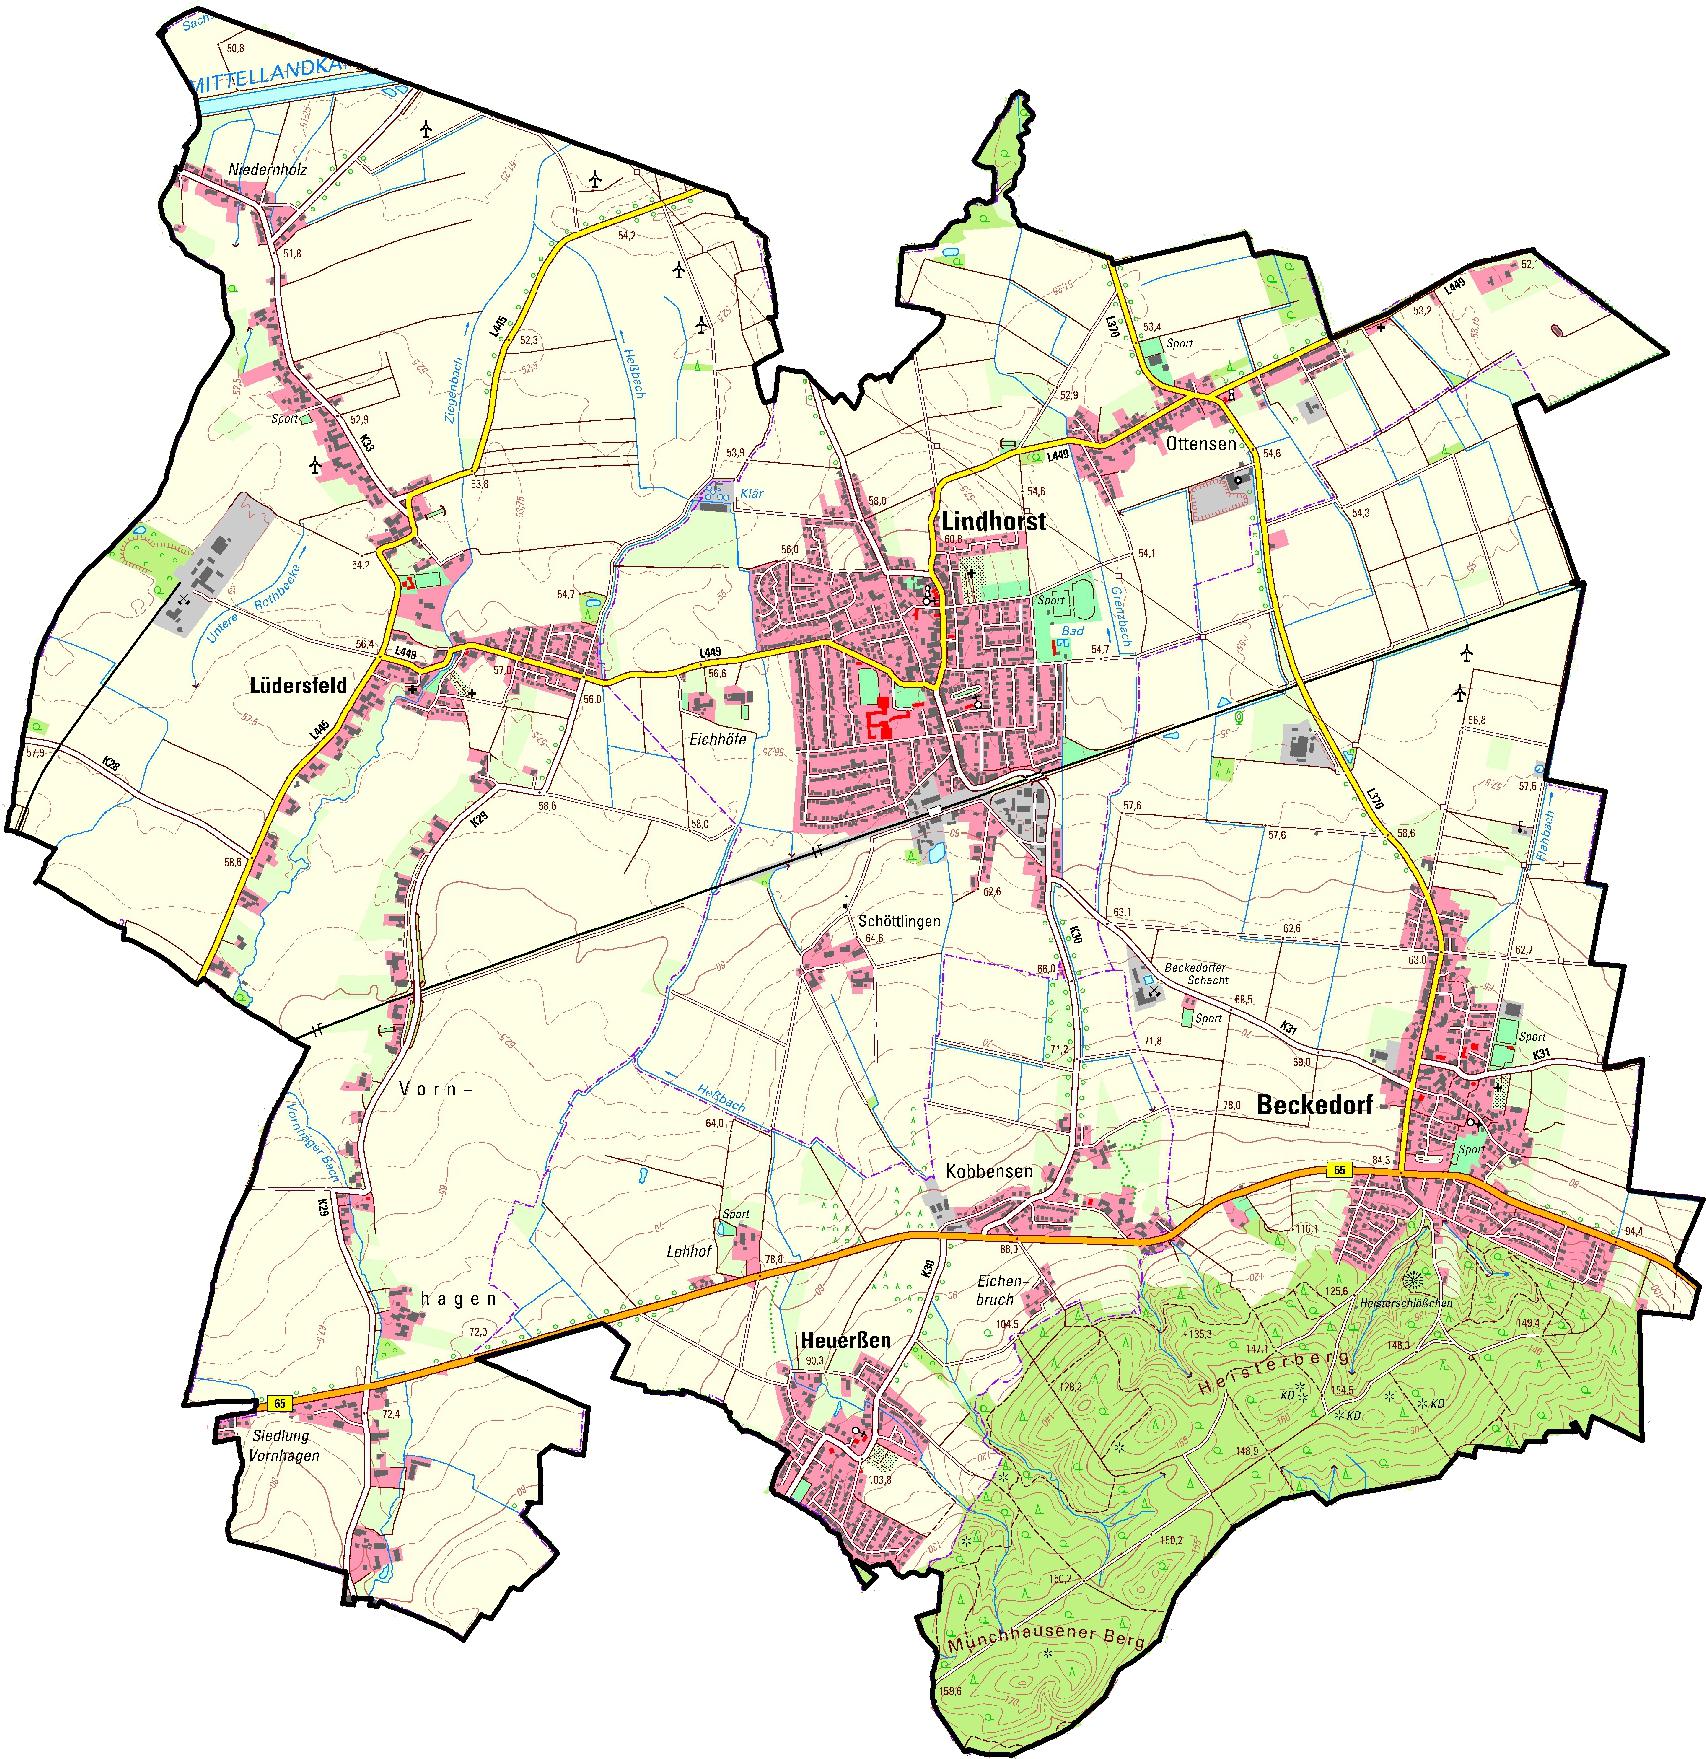 Kartenansicht der Samtgemeinde Lindhorst